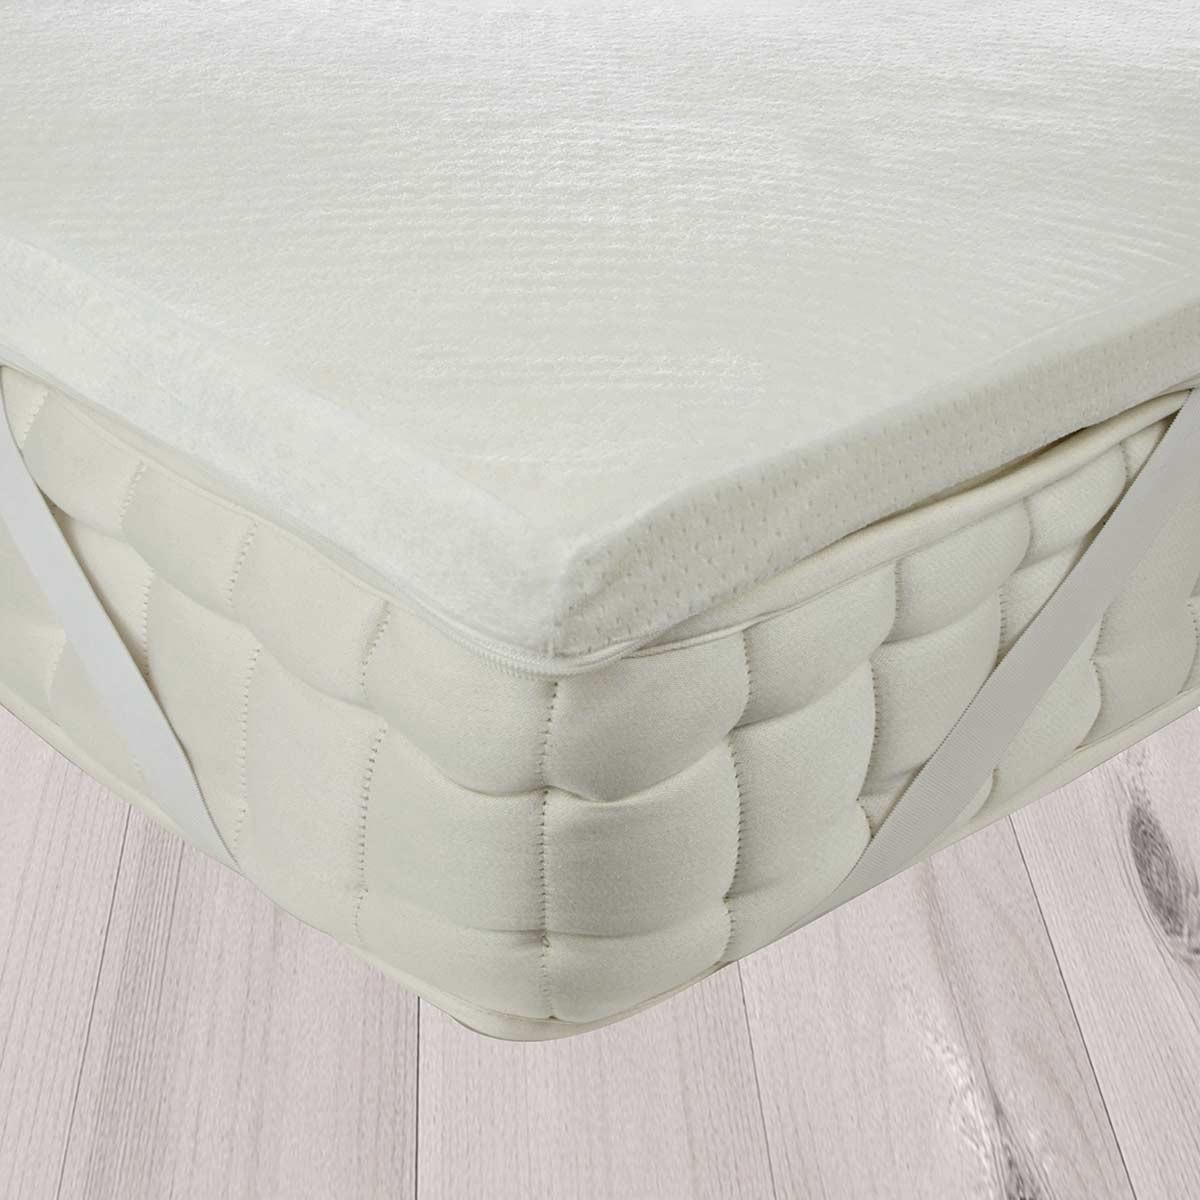 Ανώστρωμα Υπέρδιπλο (160x200) Anna Riska Memory Foam home   κρεβατοκάμαρα   επιστρώματα   ανωστρώματα